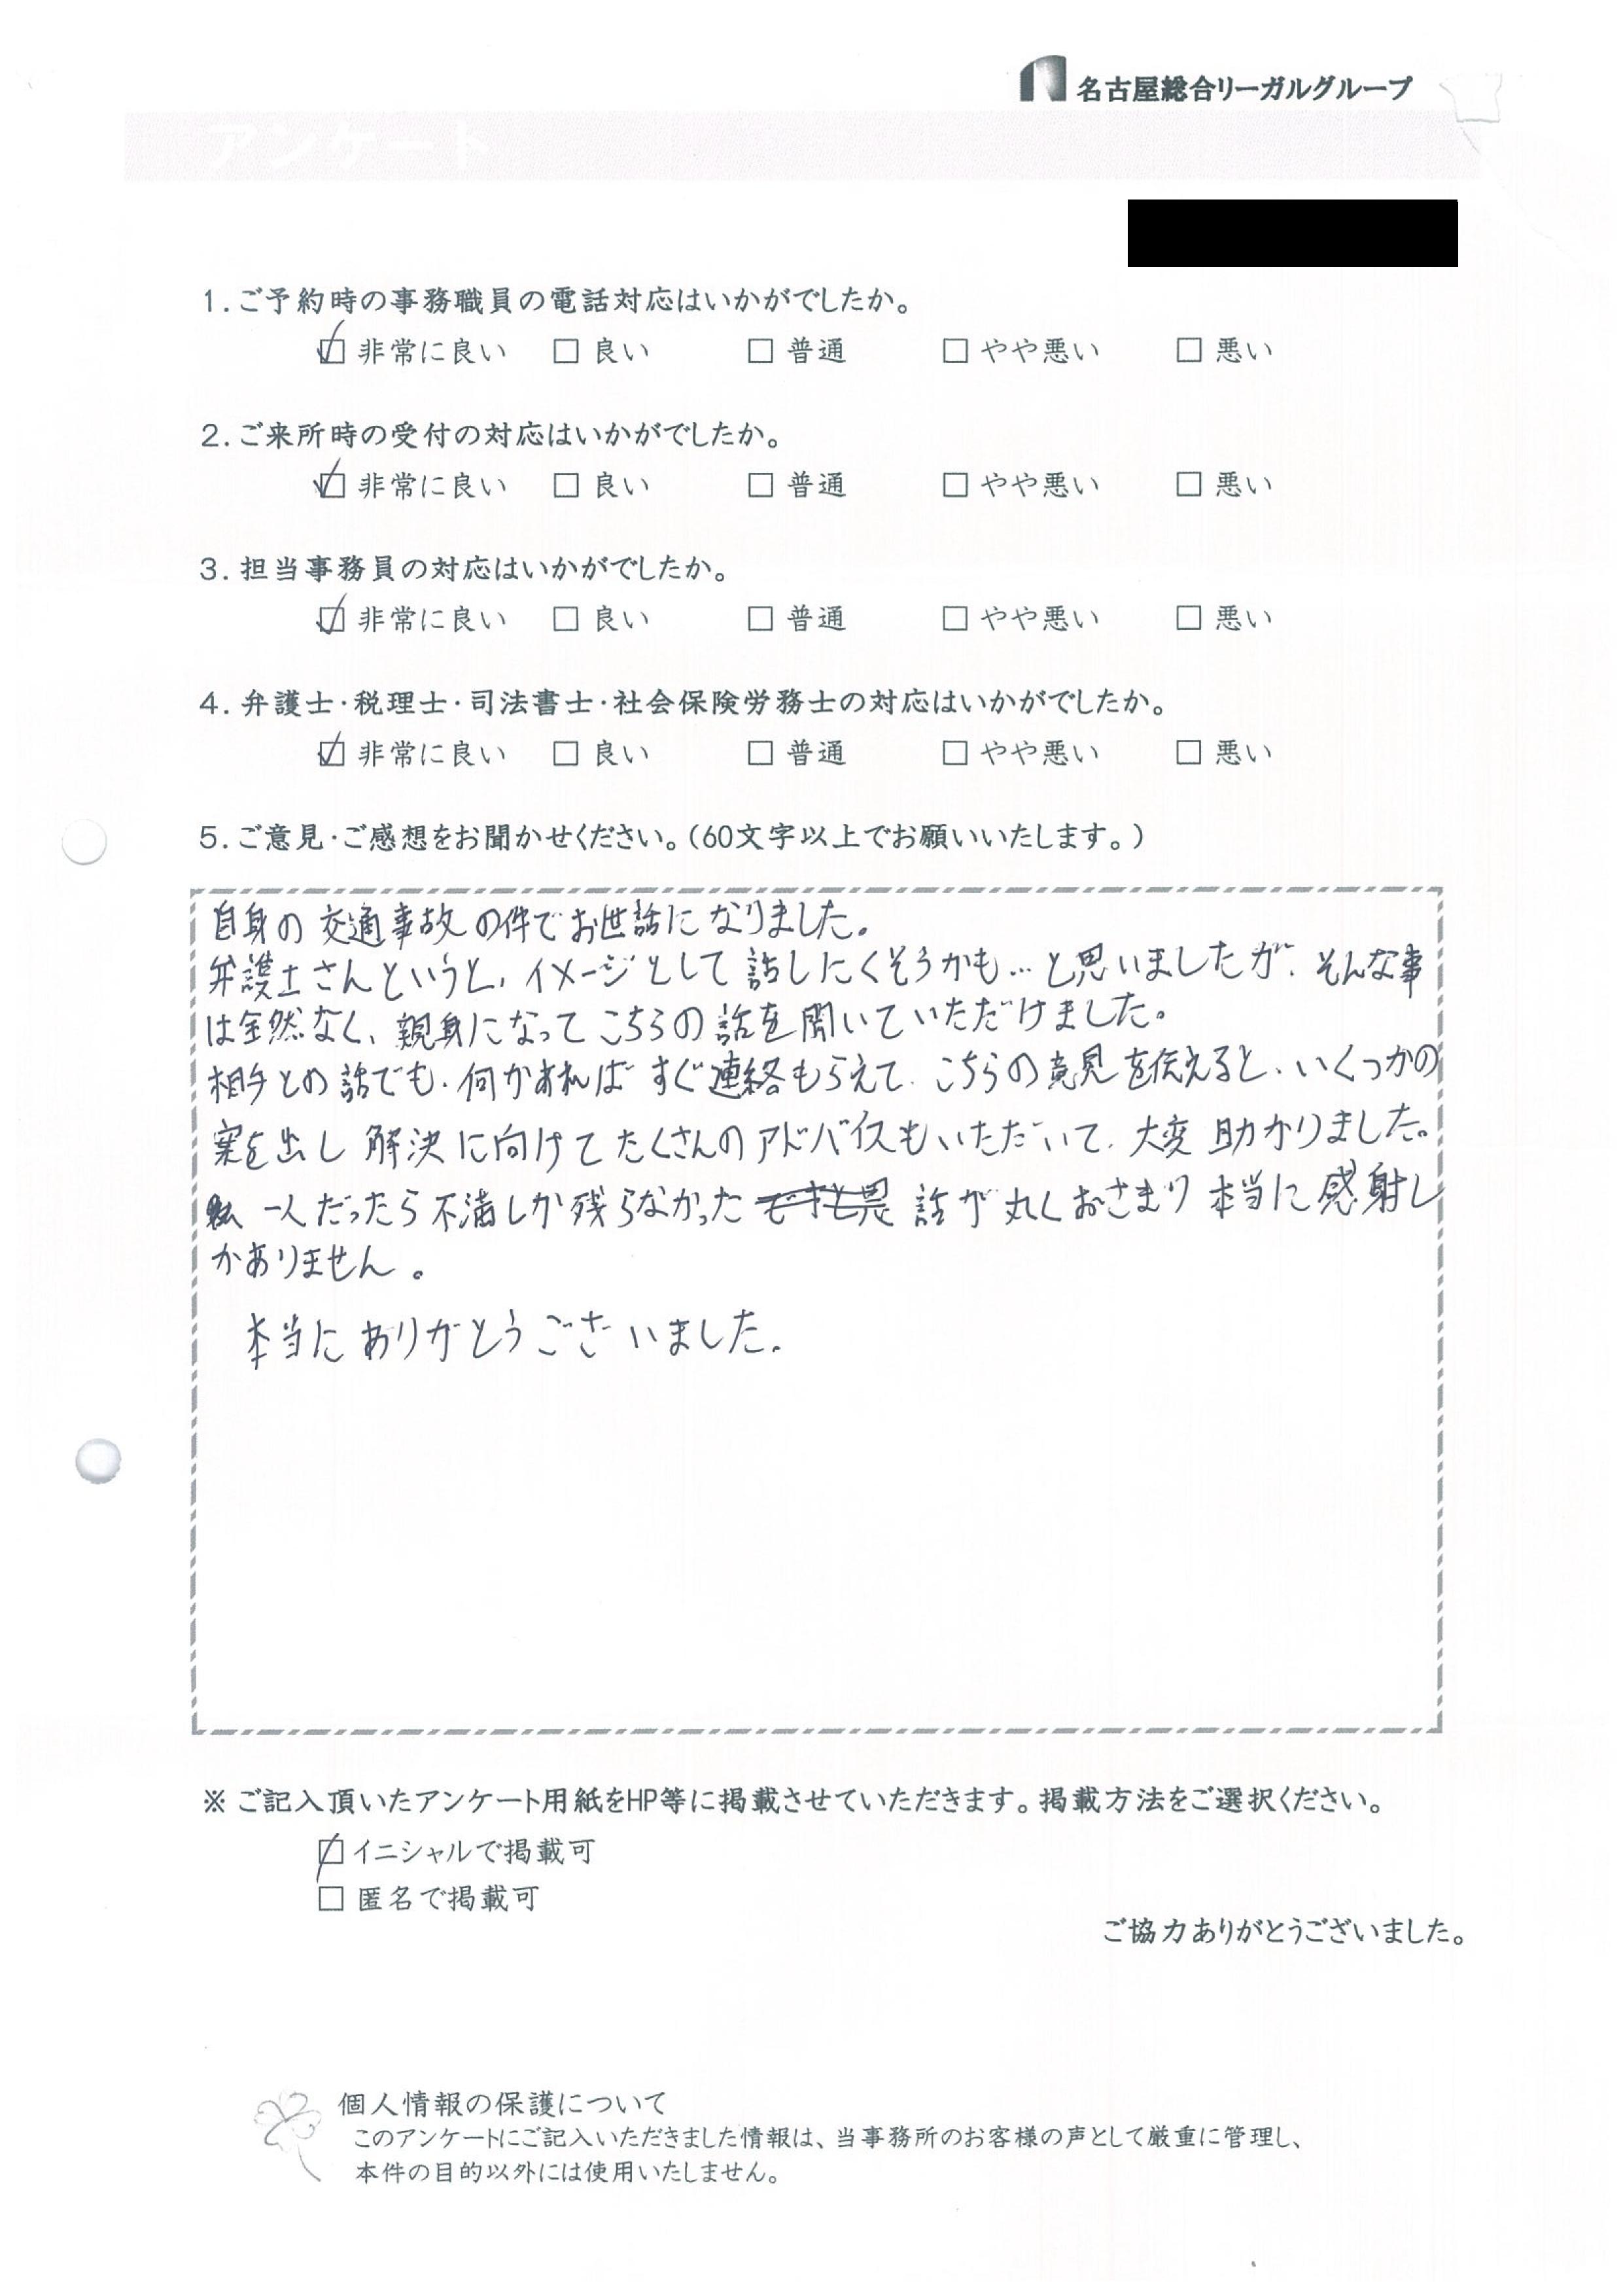 No.14 匿名希望 様